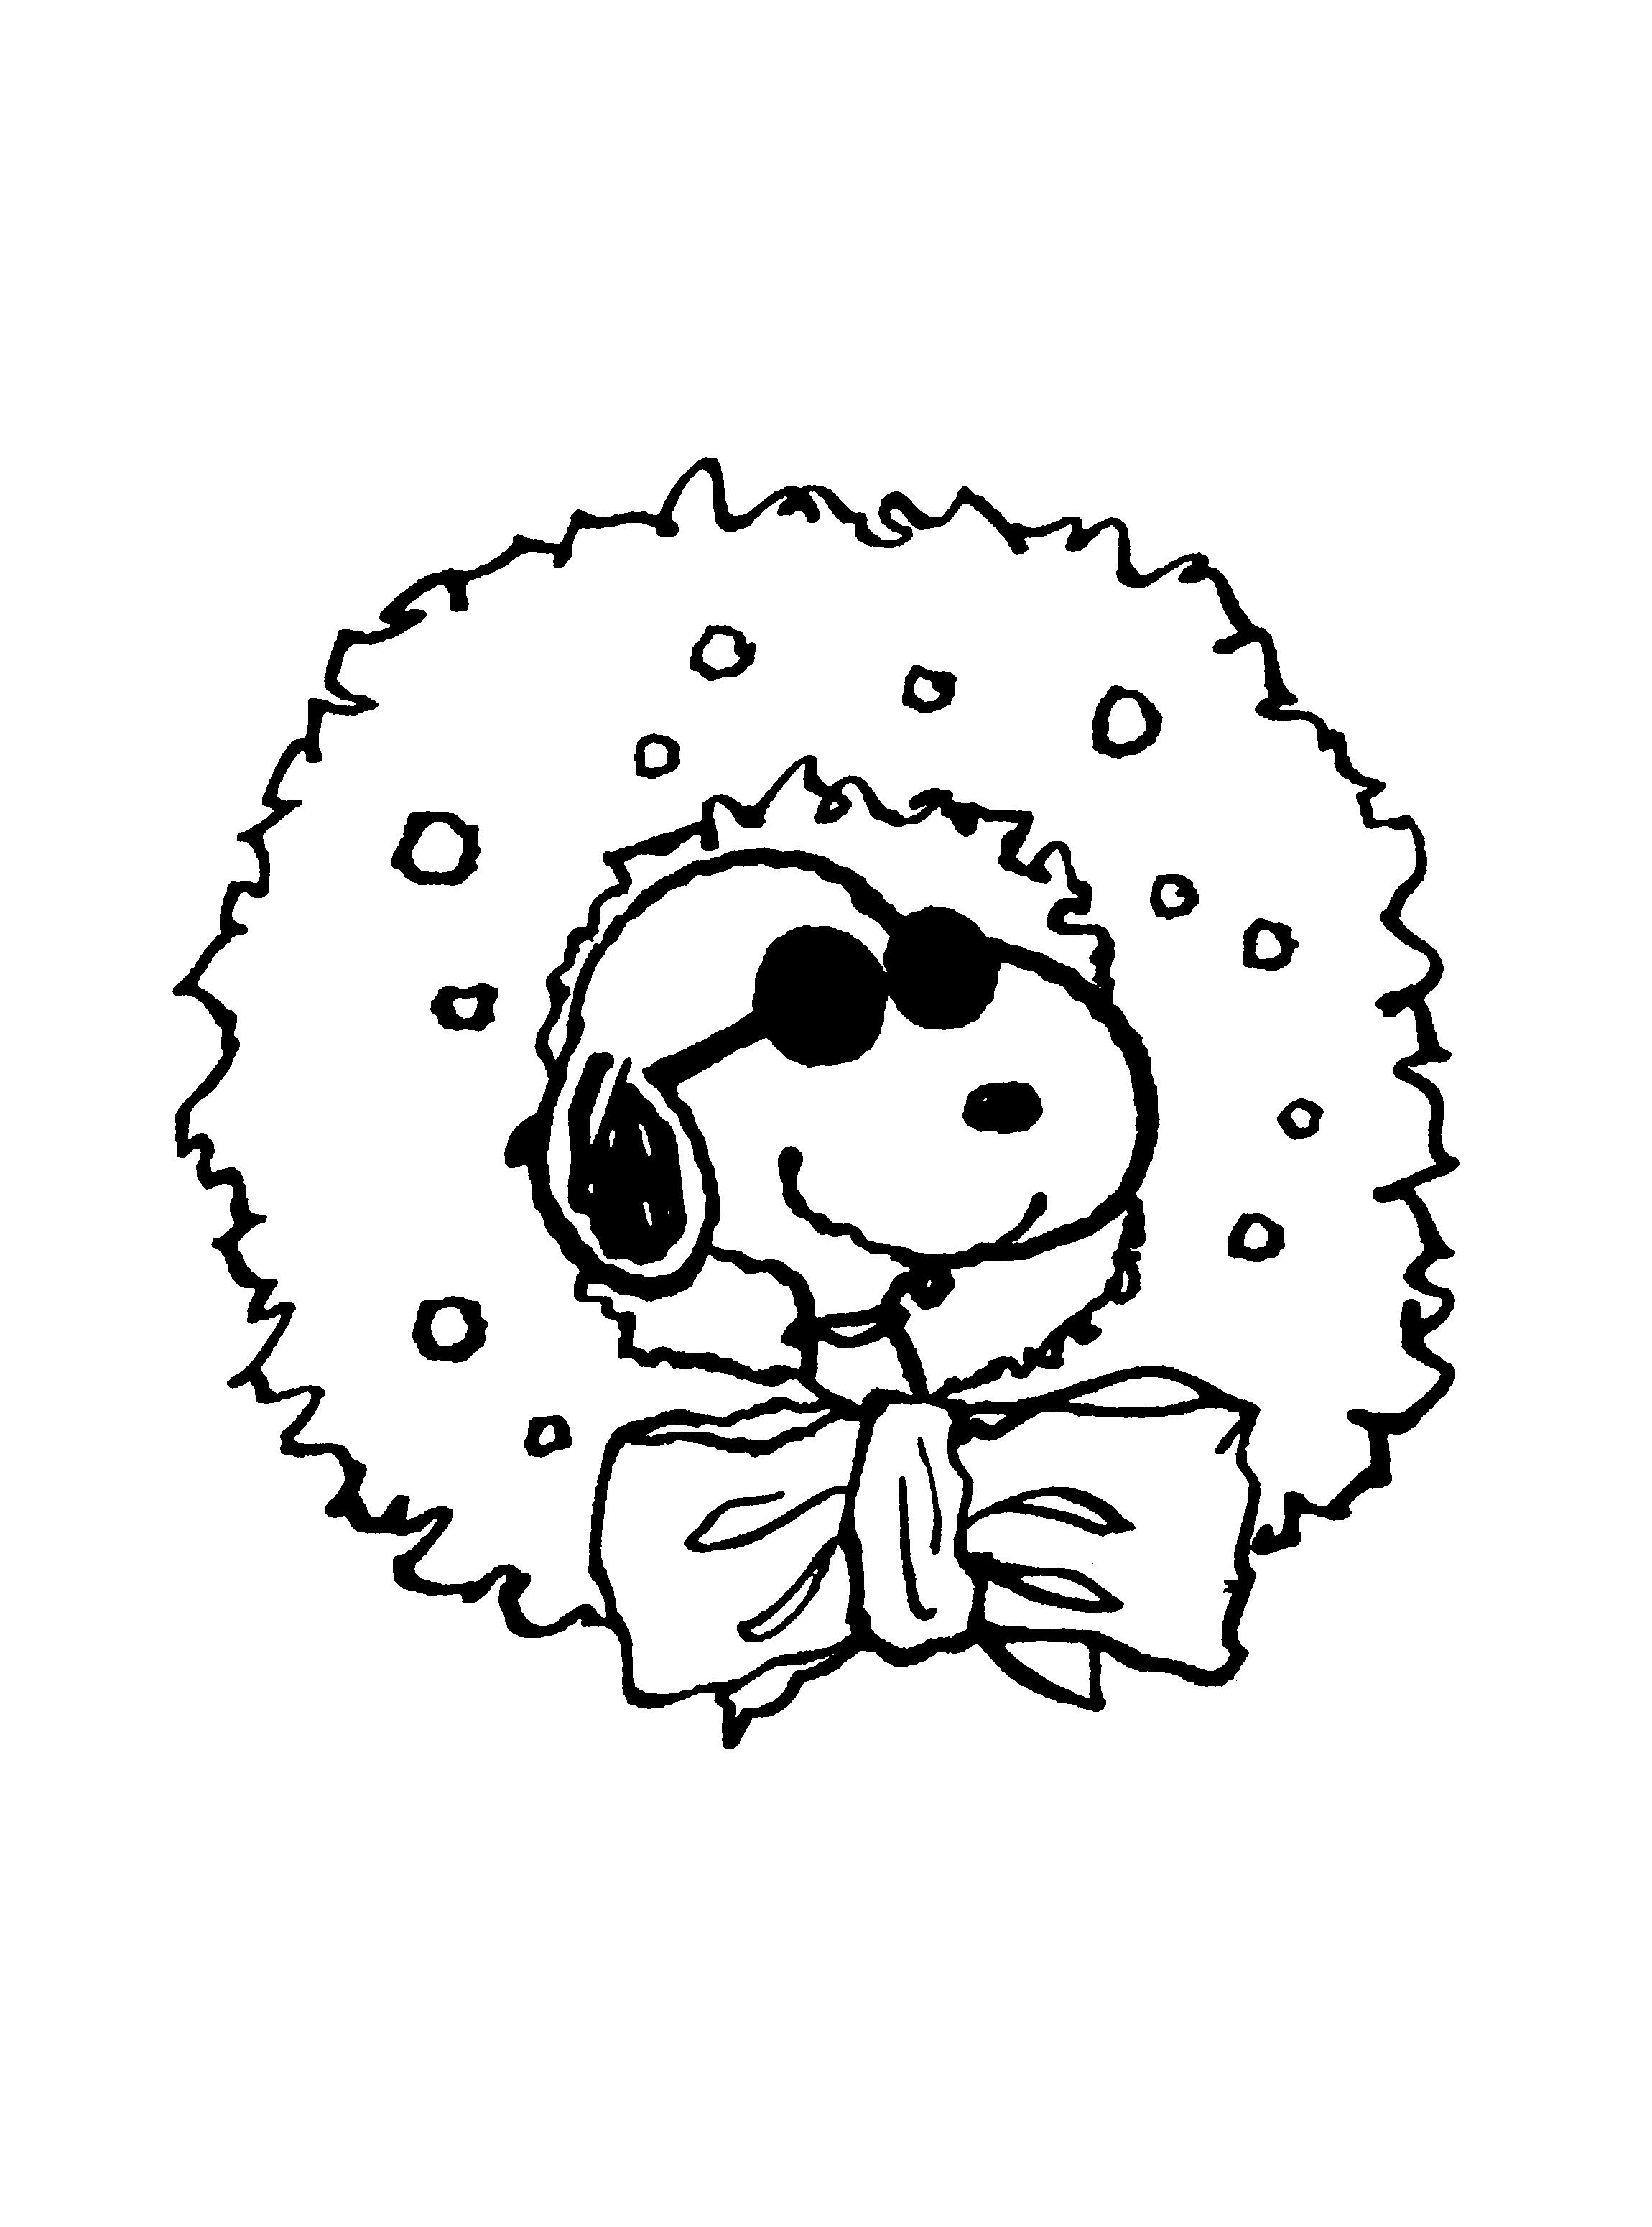 Peanuts Xmas Coloring And Activity Book Snoopy Navidad Dibujos De Colores Snoopy